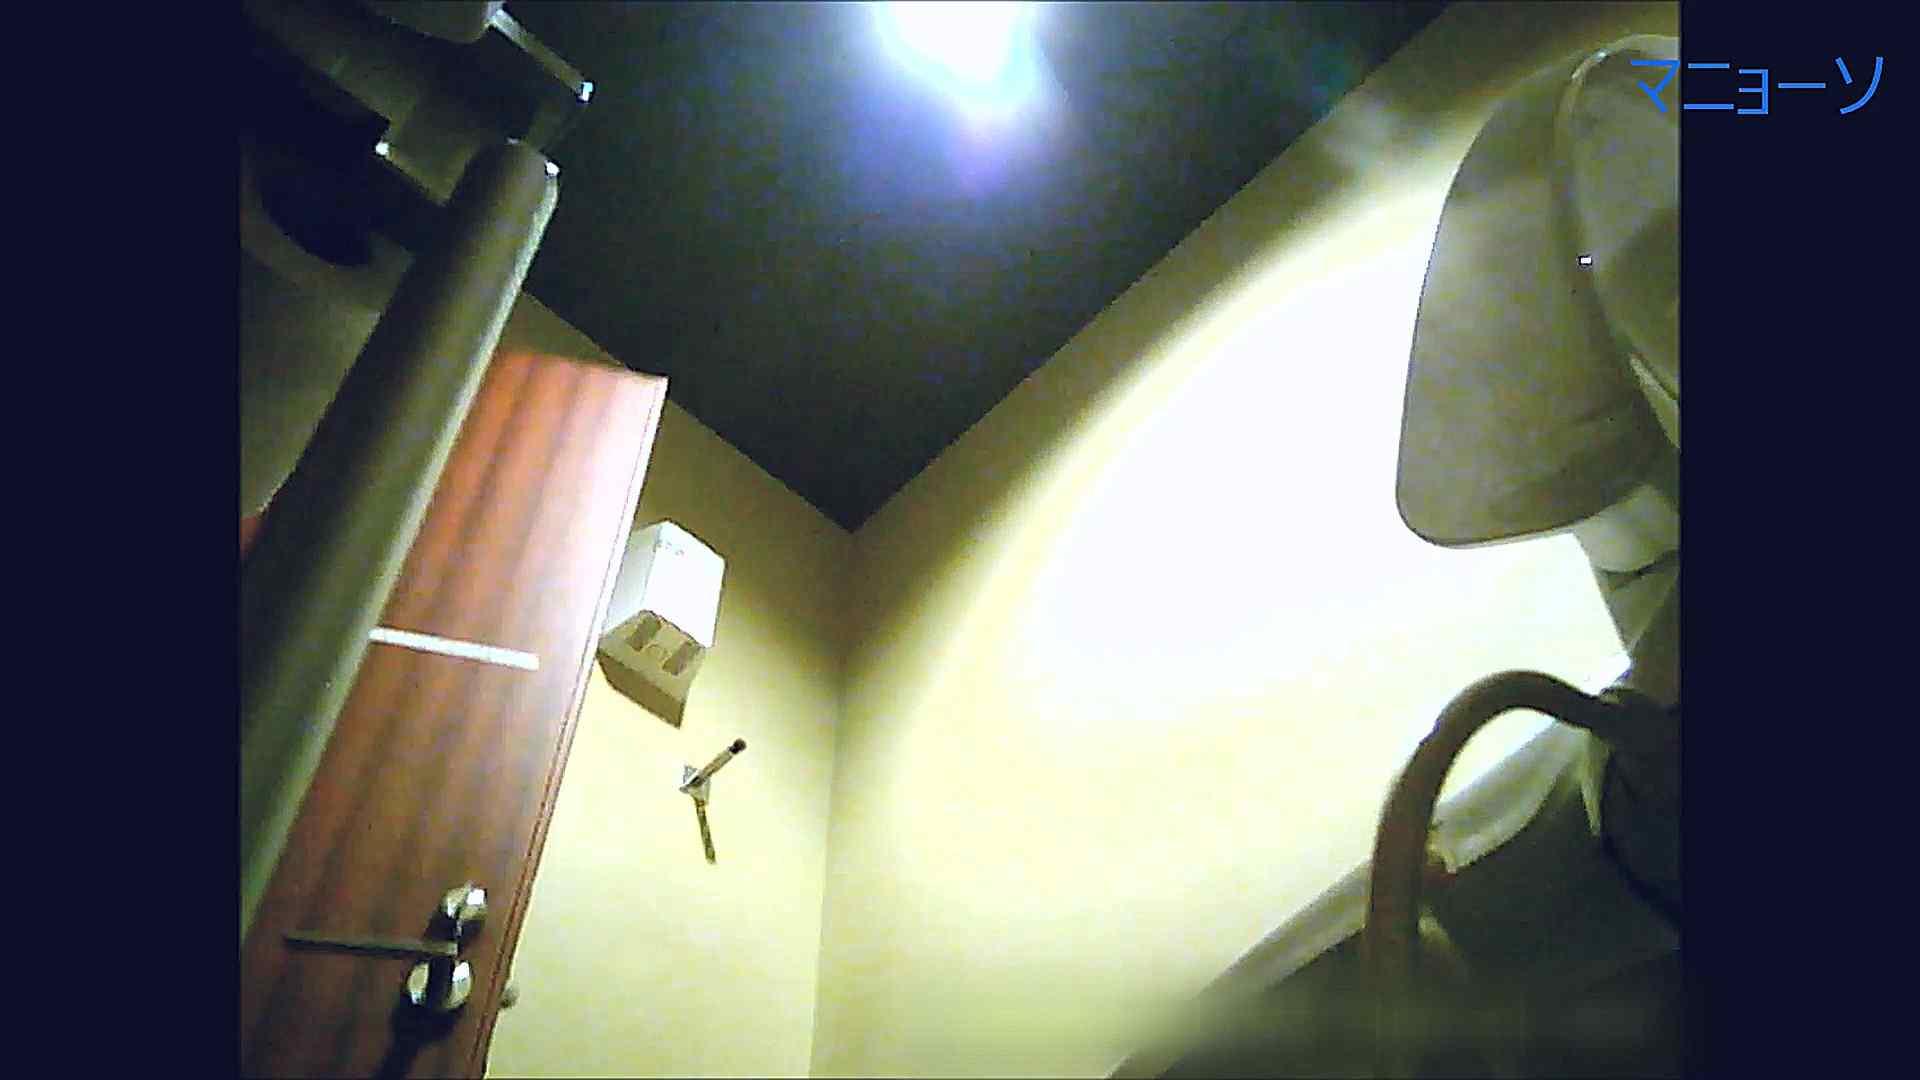 トイレでひと肌脱いでもらいました (JD編)Vol.05 トイレ | OLの実態  72pic 57